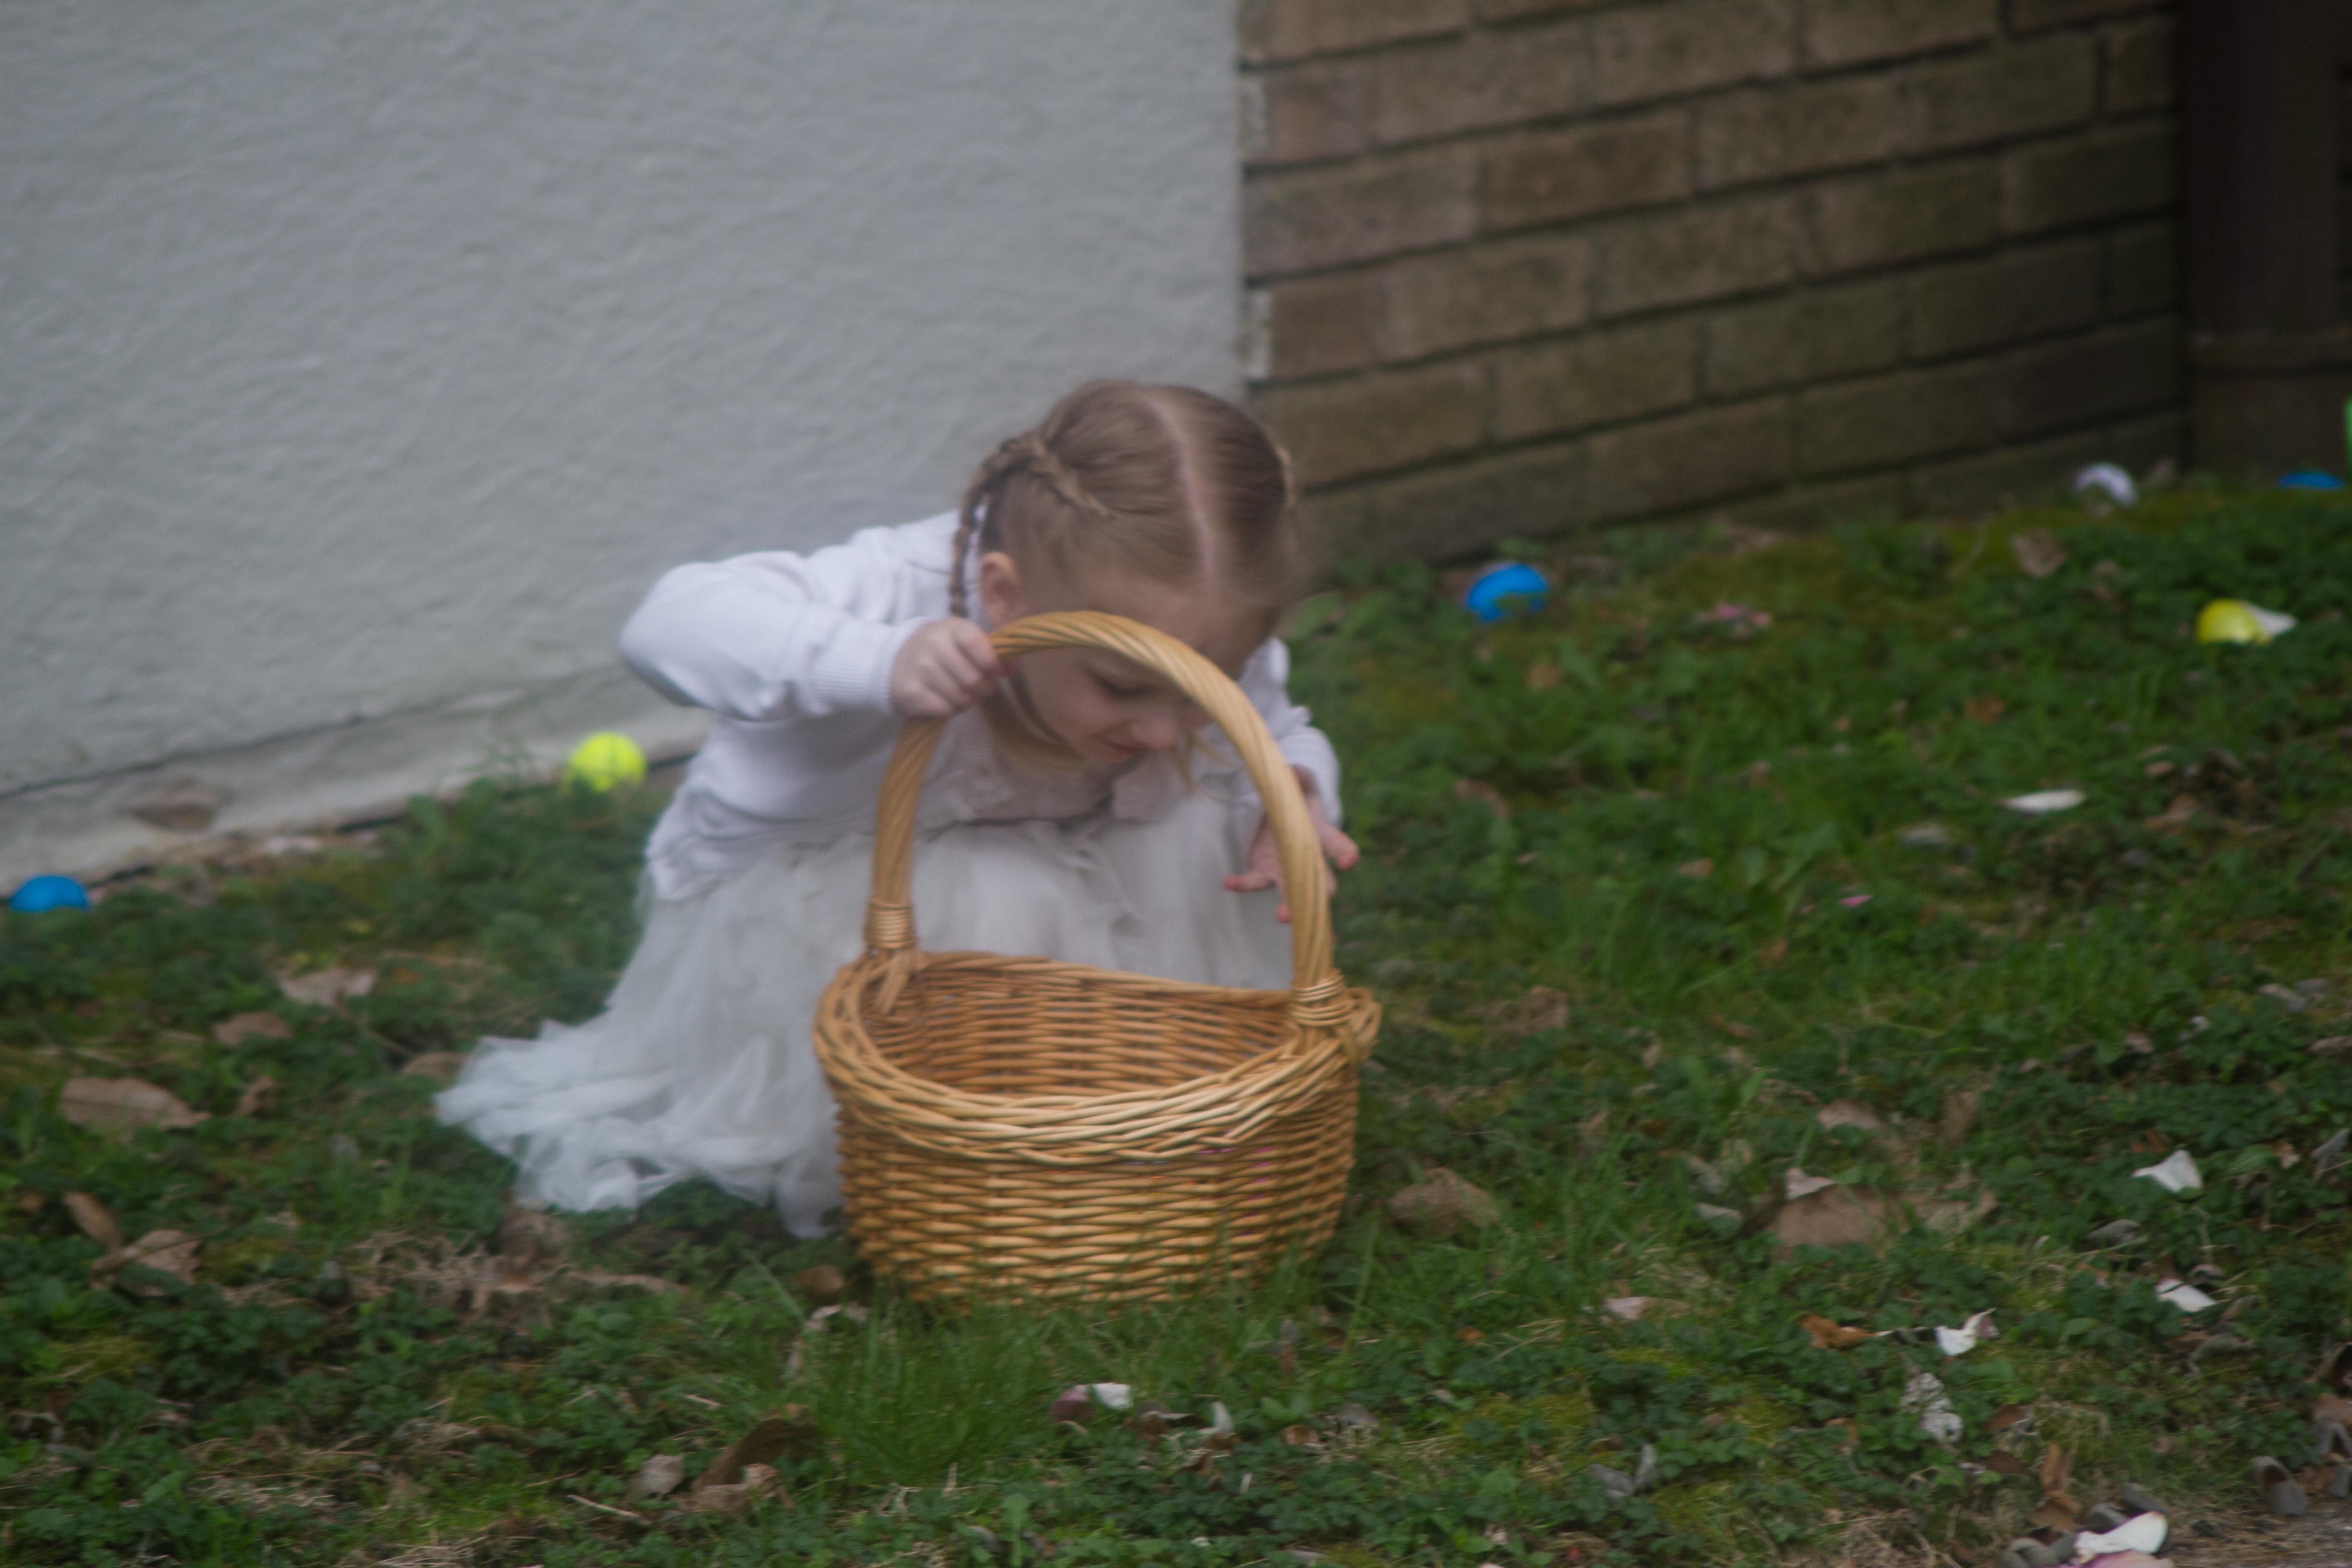 Easter-Egg-Hunt-2019-Church-5